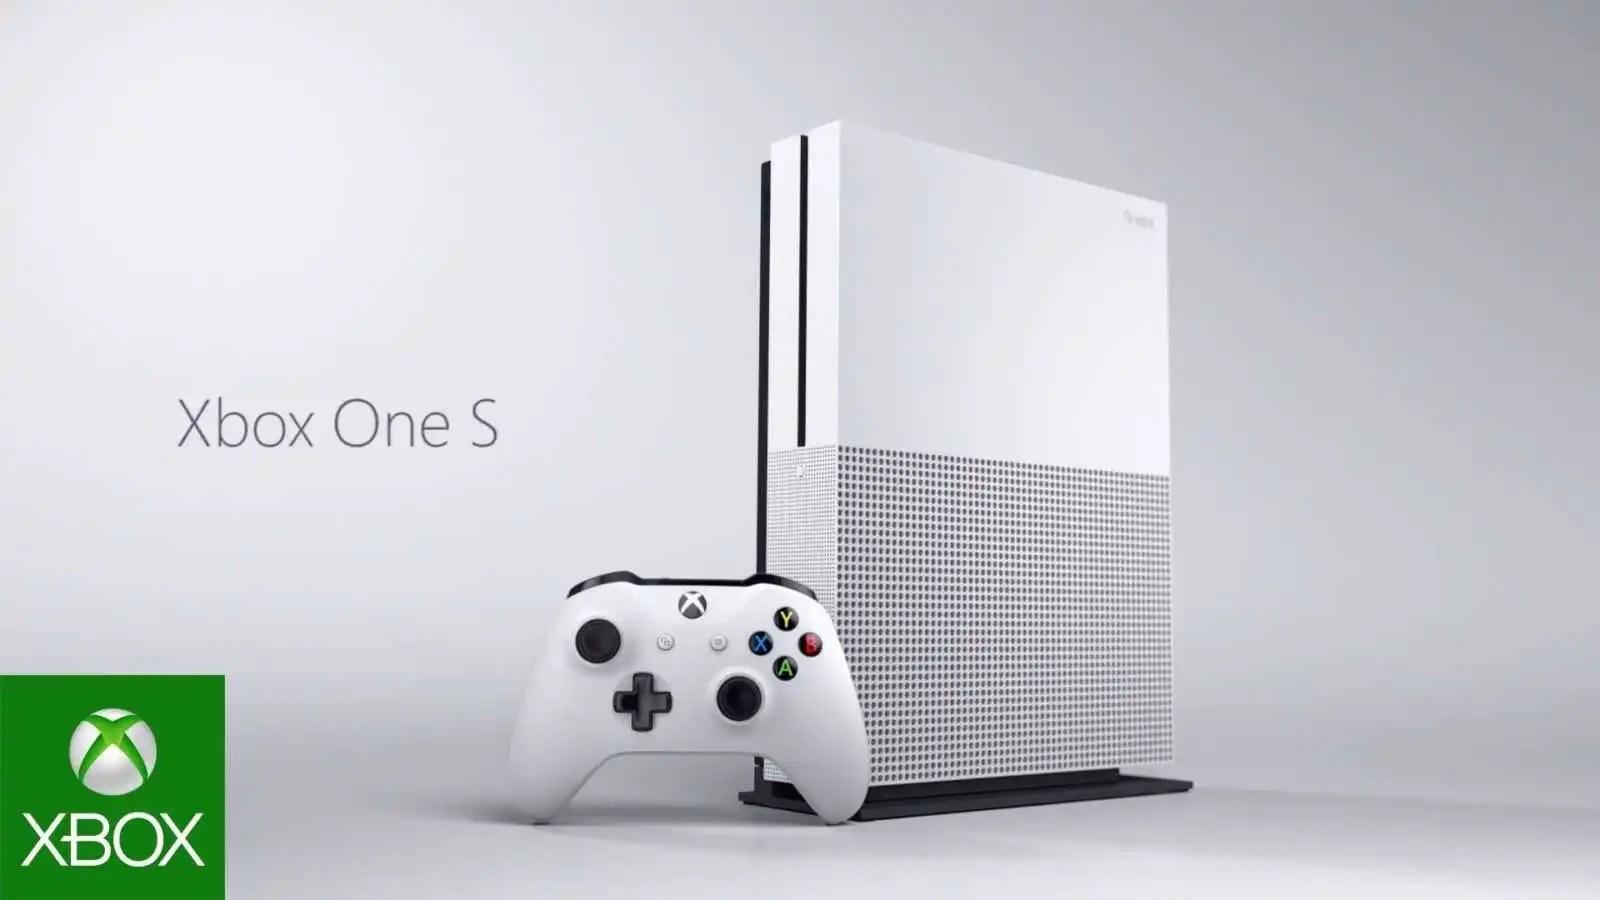 Halo 5: confermato il supporto 4K per Xbox One X